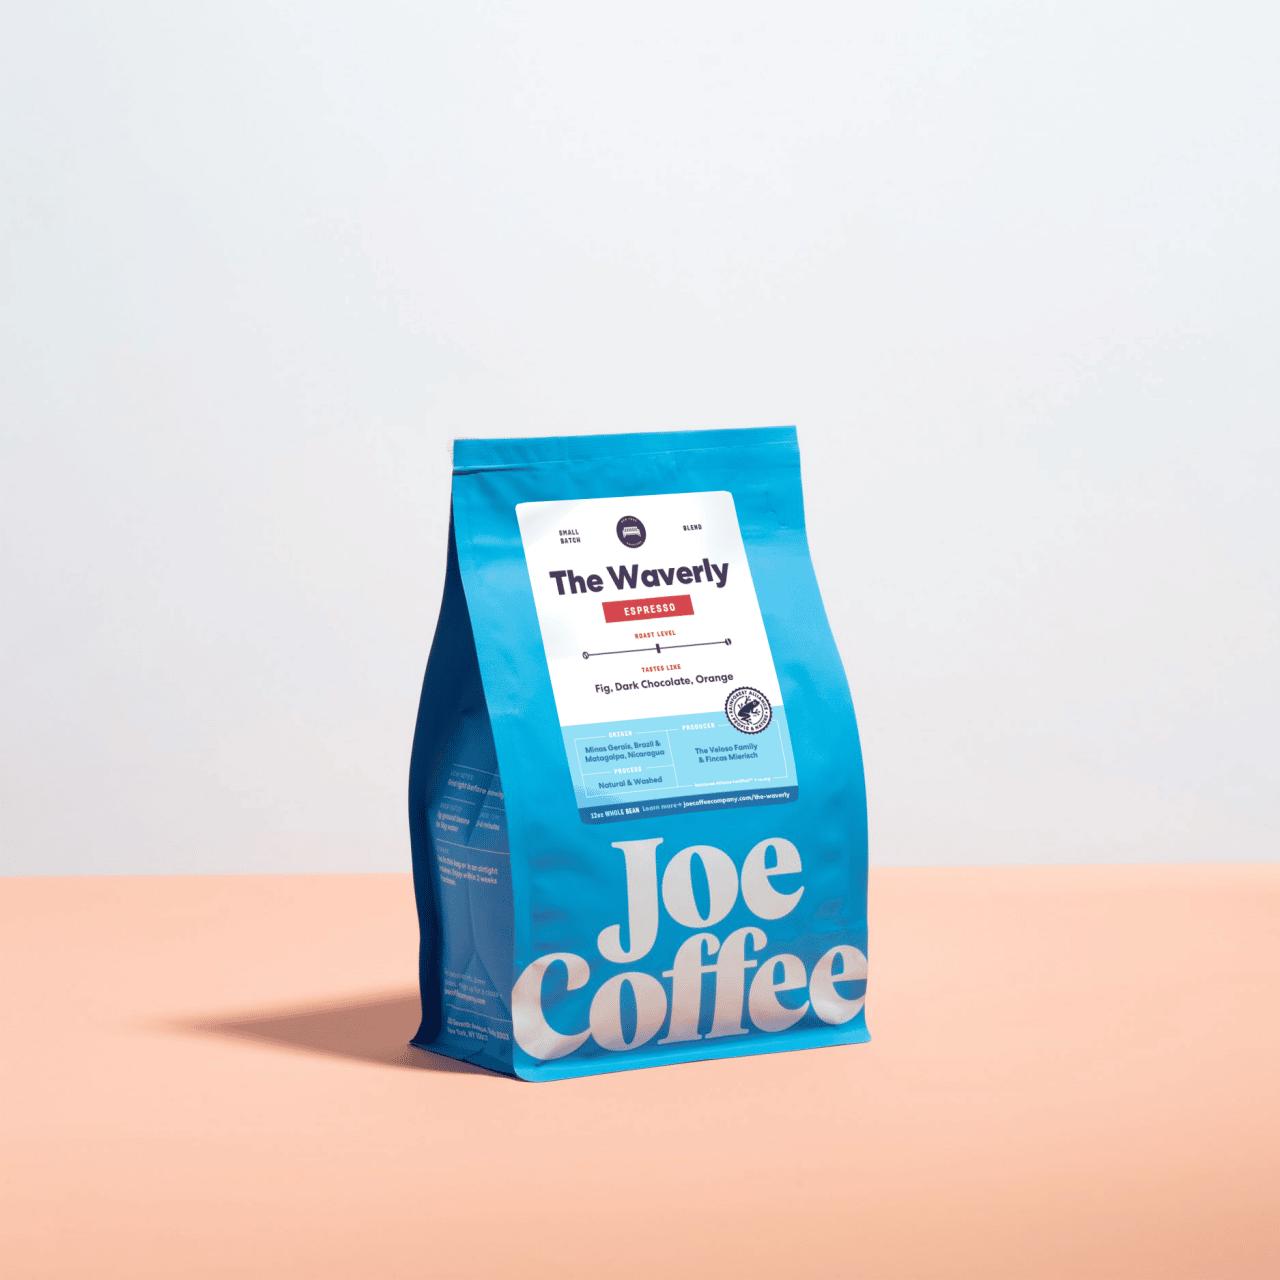 12oz bag of The Waverly Espresso